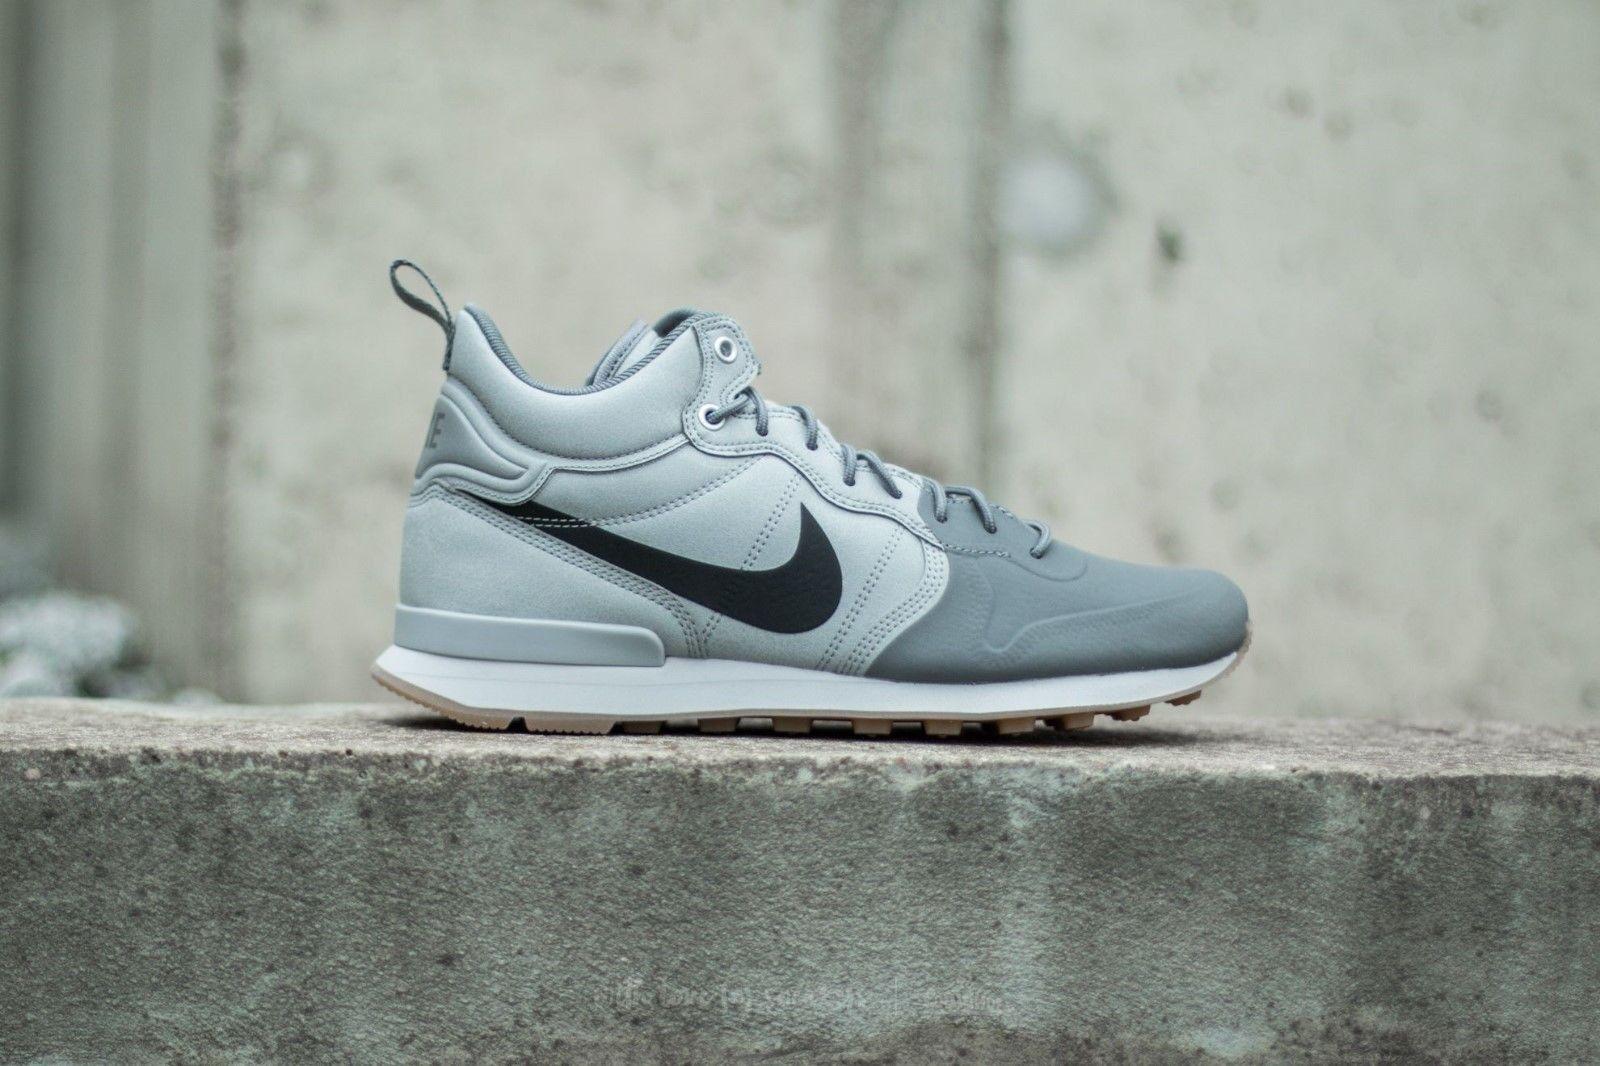 NEU&OVP Gr.40 Gum) grau (Wolf Utility Internationalist Nike